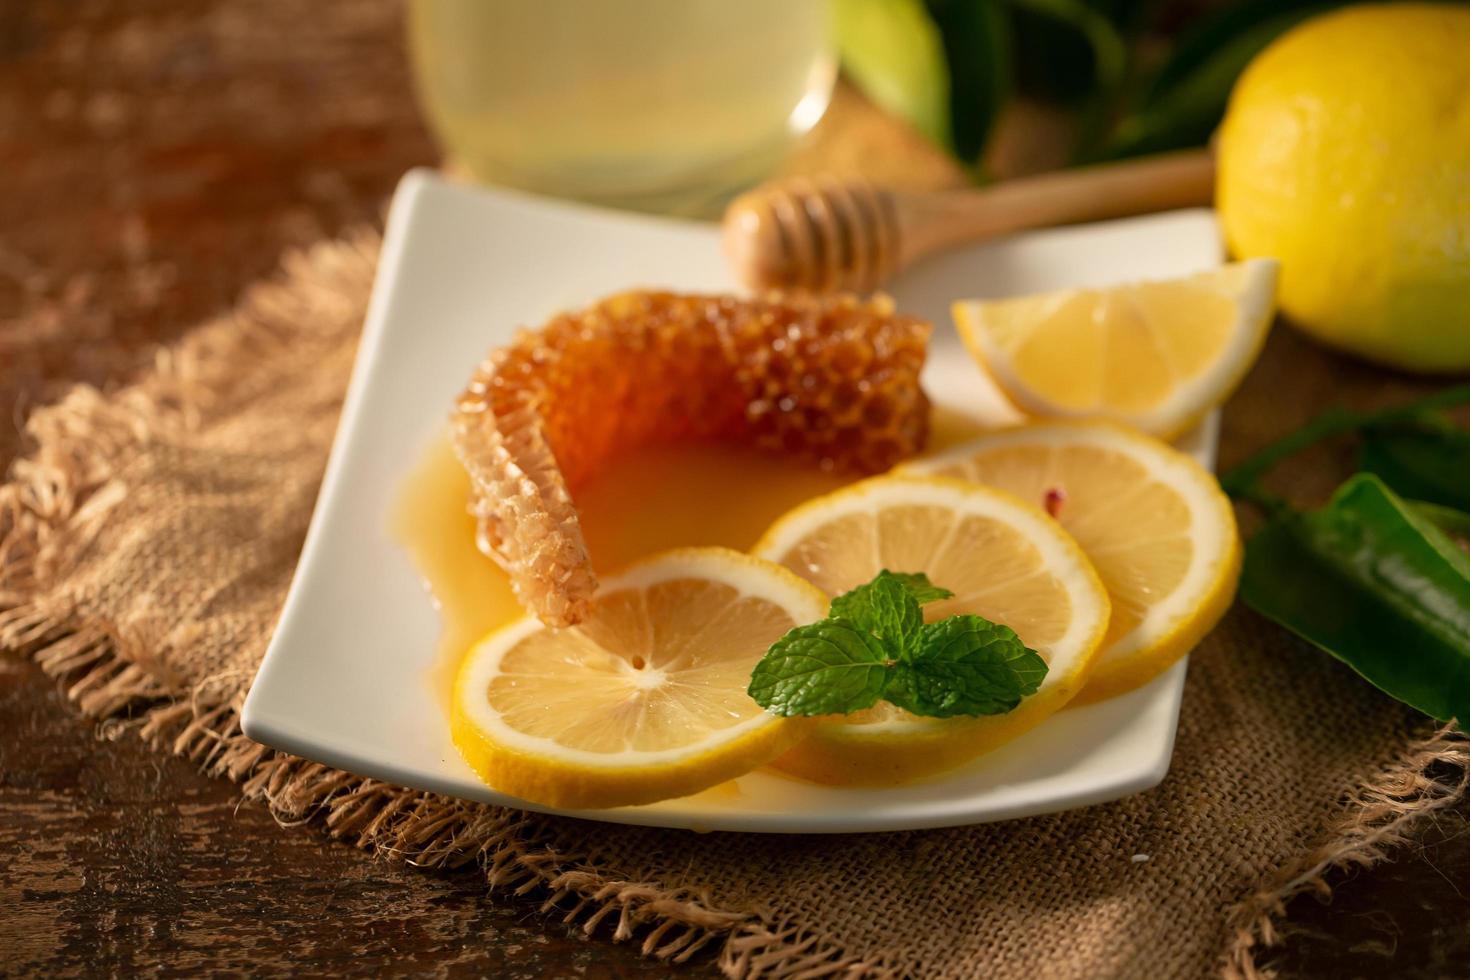 citronsaft med honung på träbord, citroner och salvia löv foto